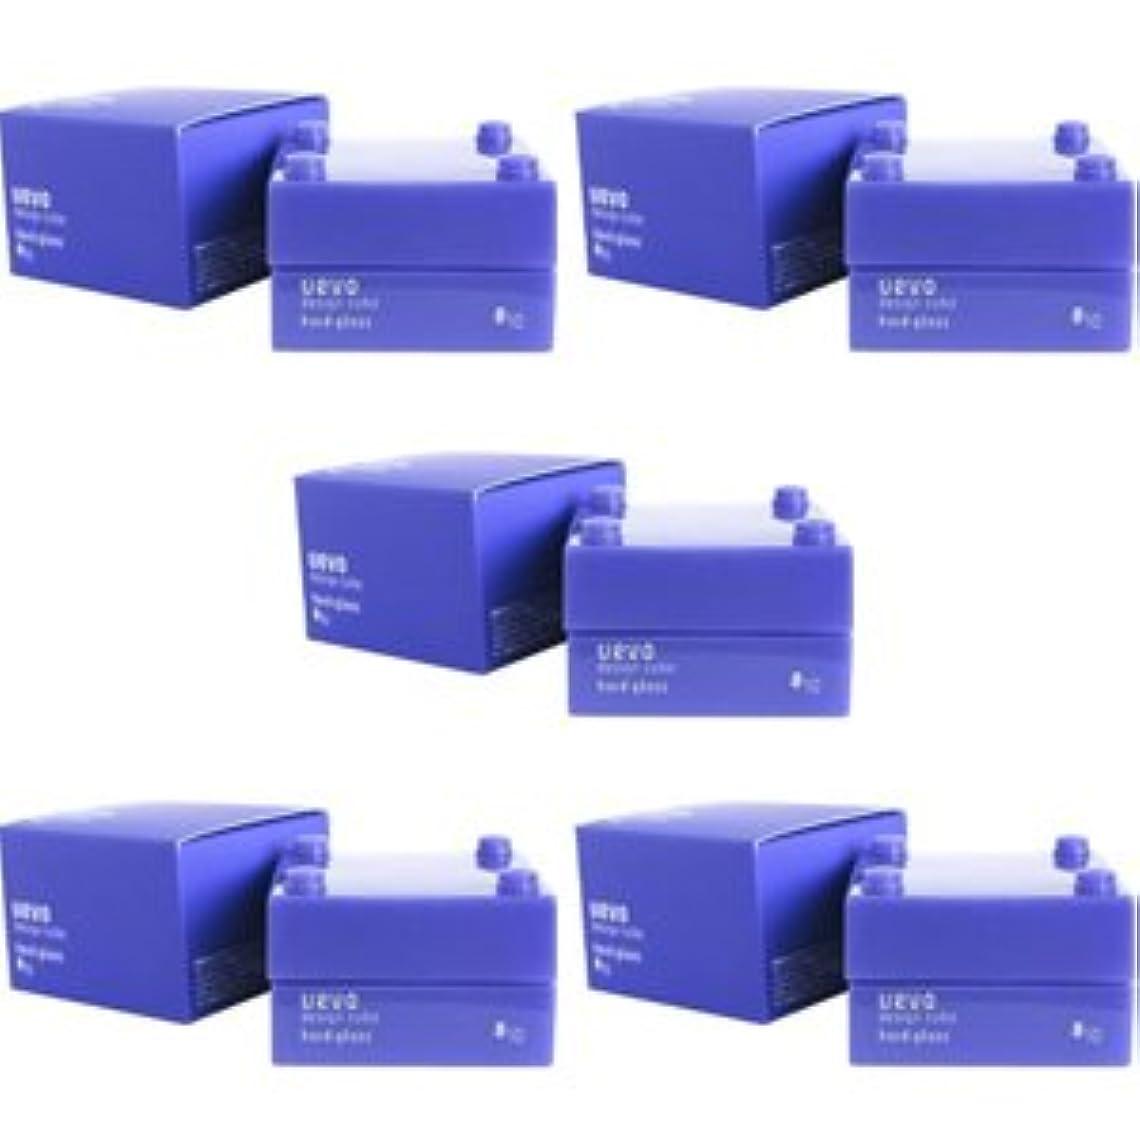 フェデレーションバナーかまど【X5個セット】 デミ ウェーボ デザインキューブ ハードグロス 30g hard gloss DEMI uevo design cube